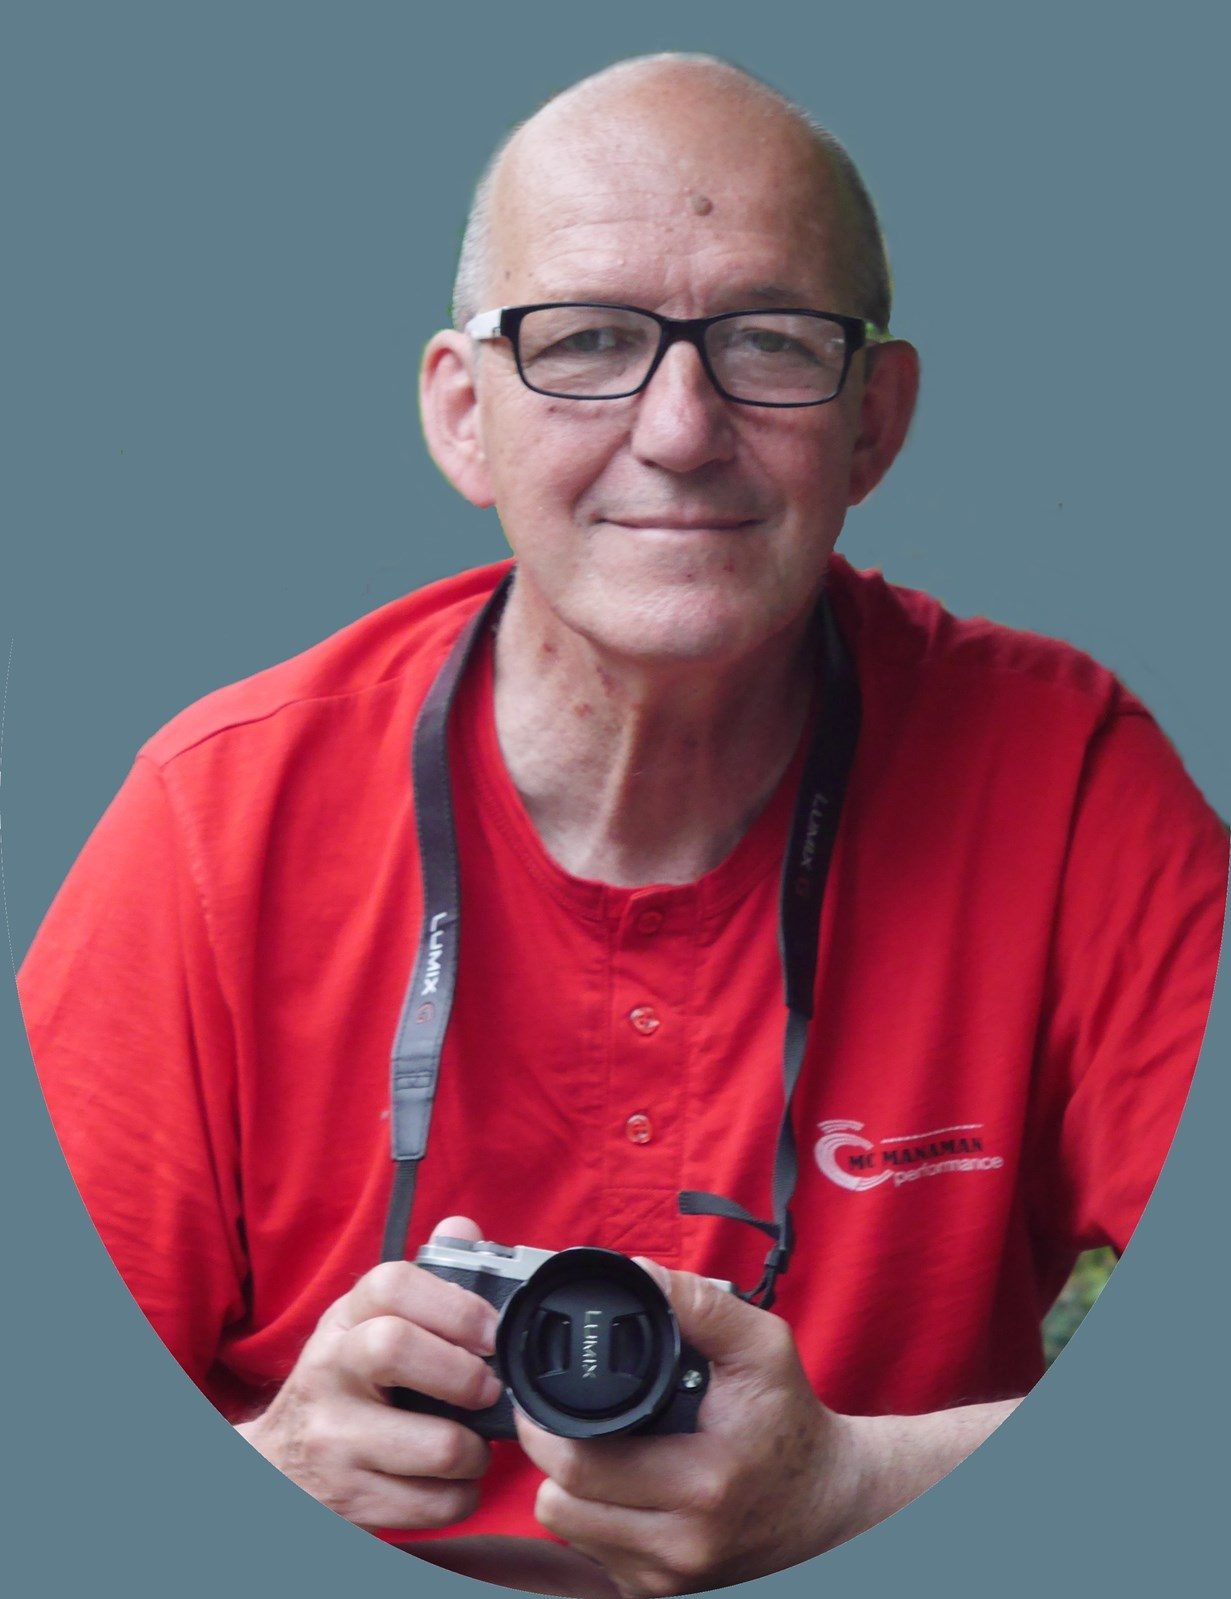 Michał Rażniewski Fotografia